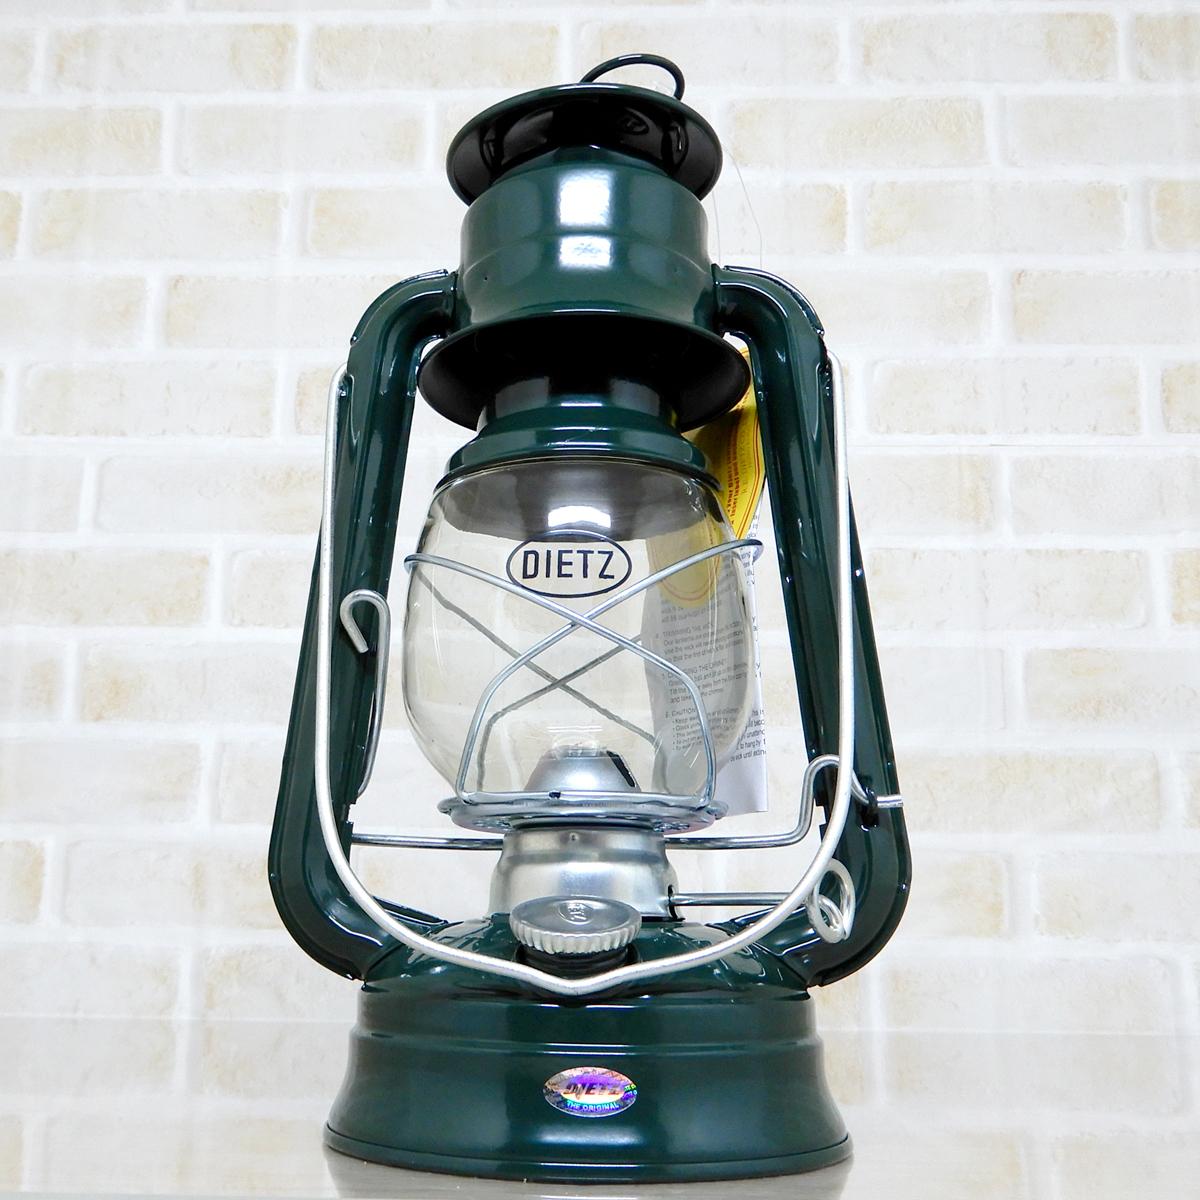 バーナー付【送料無料】新品 Dietz #76 Original Oil Lantern - Green 【日本未発売】◇デイツ グリーン ハリケーンランタン 緑 新品未使用